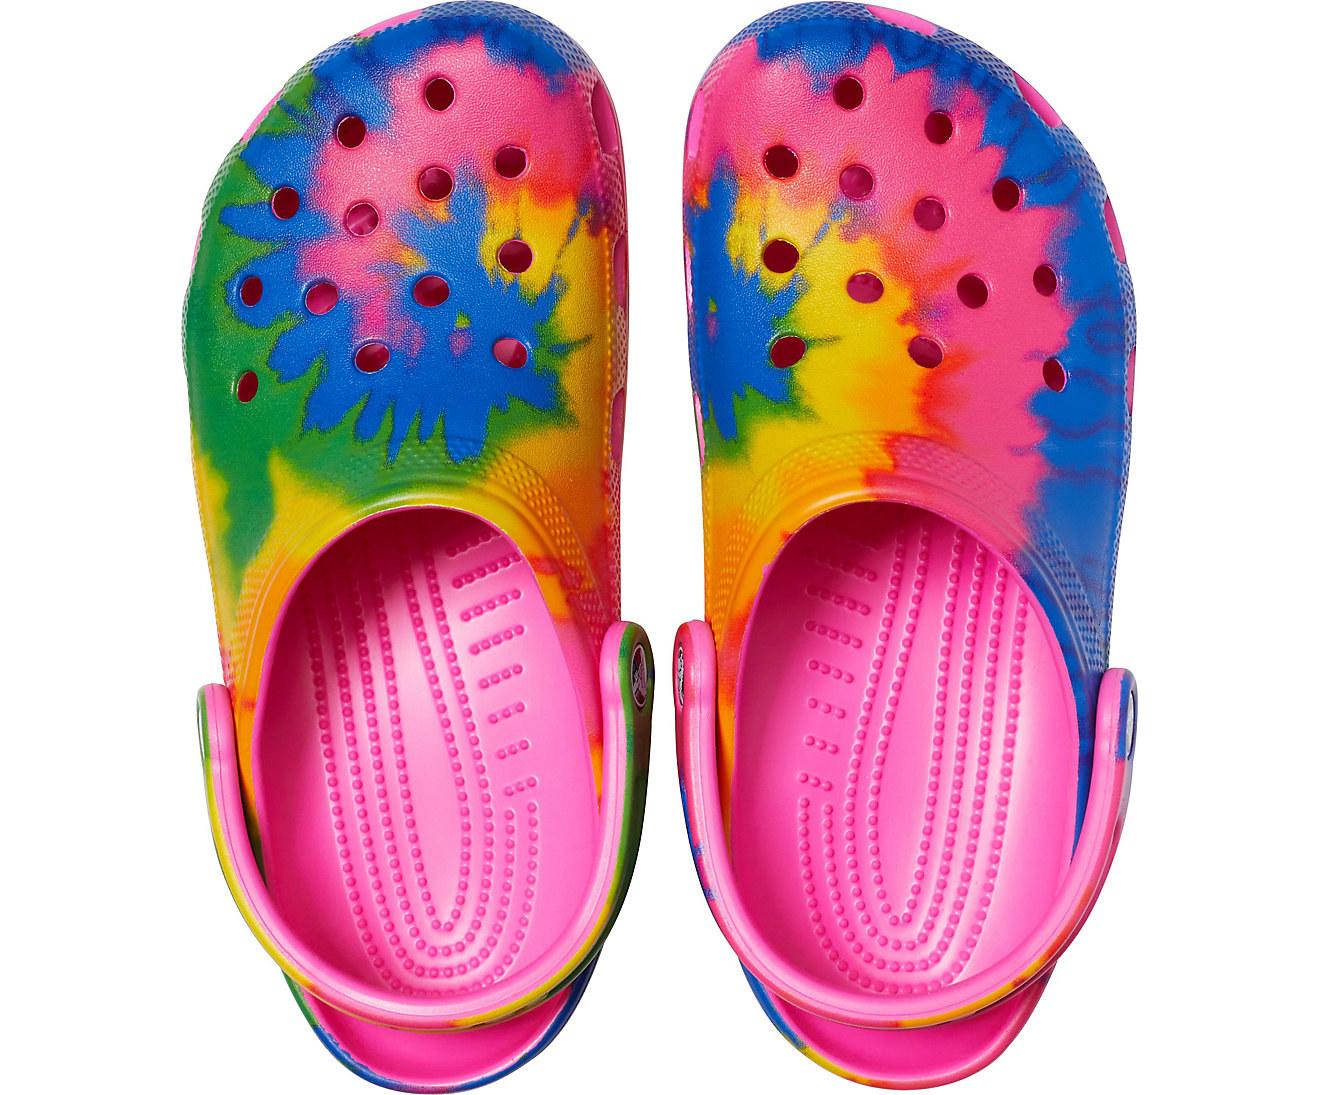 pair of tie-dye Crocs